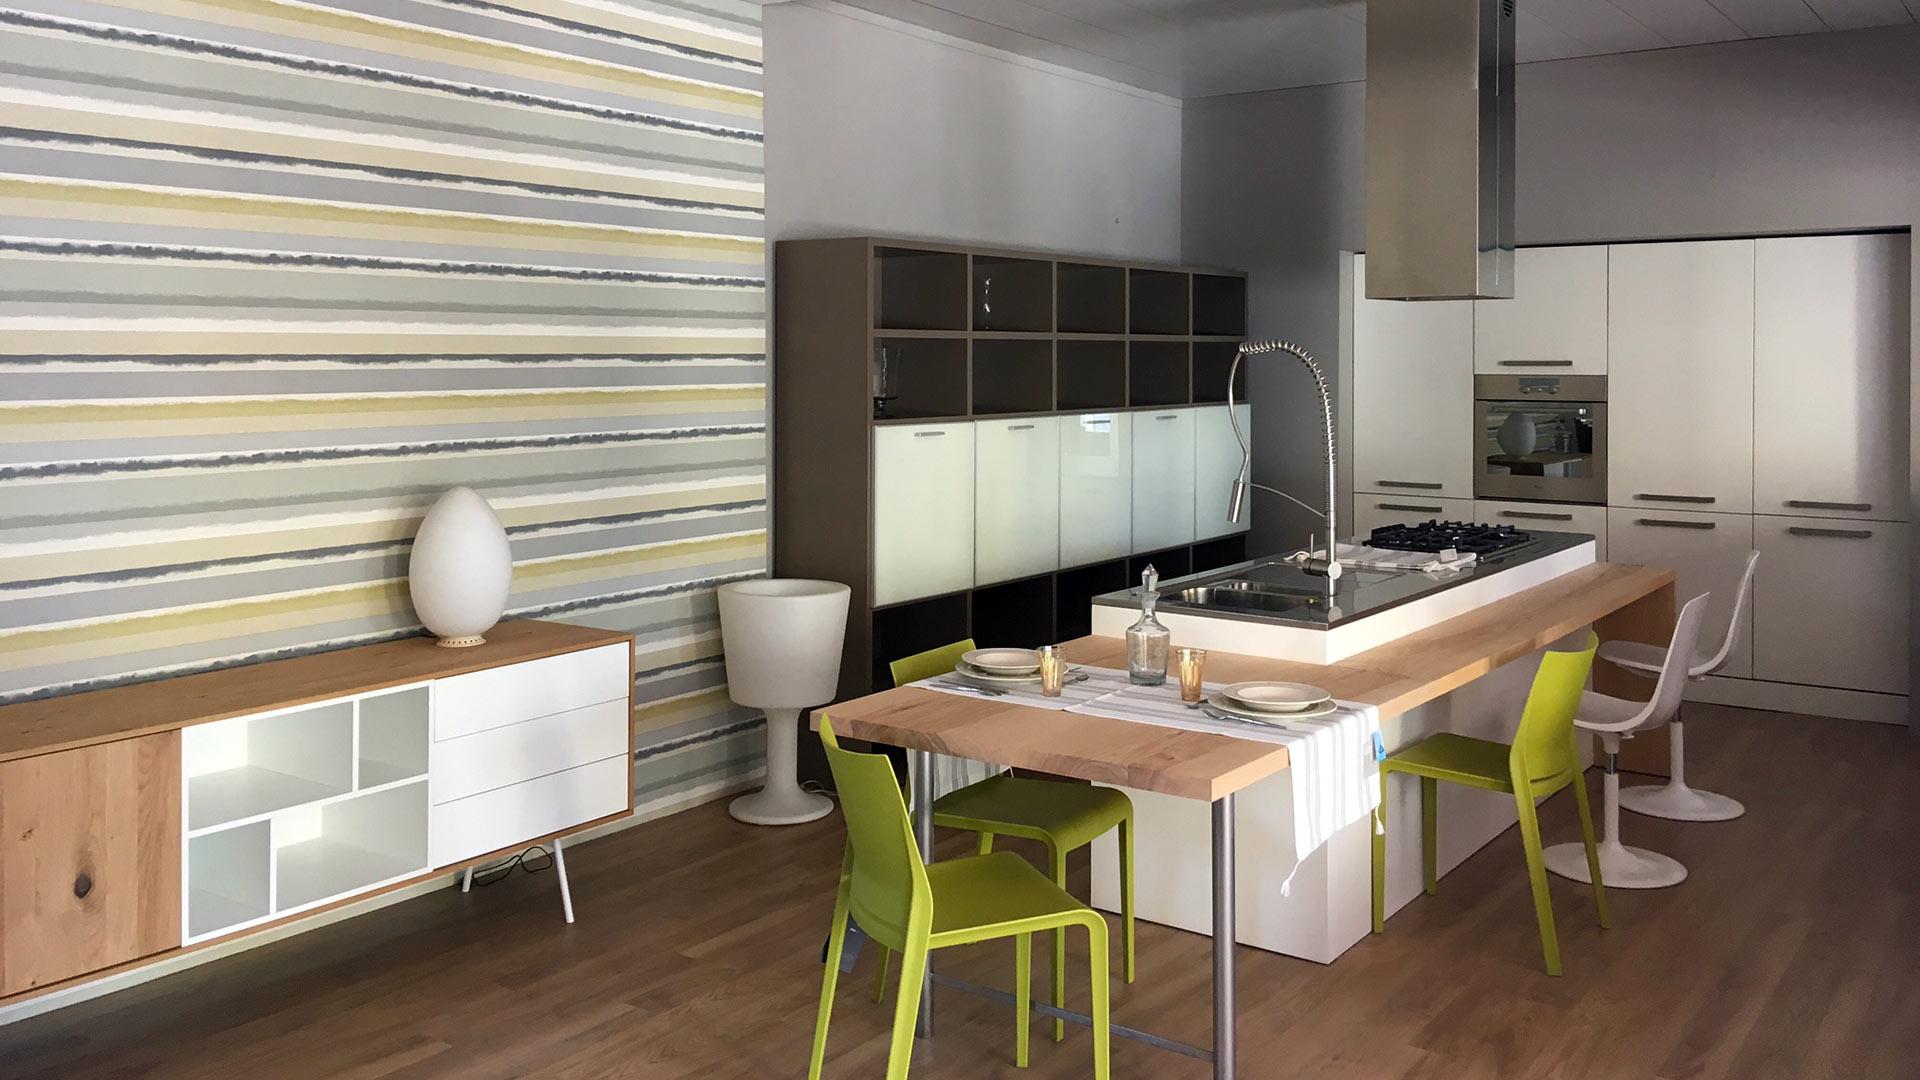 Arredamento Ufficio Biella : Arredamento per ufficio mobili per ufficio vercelli